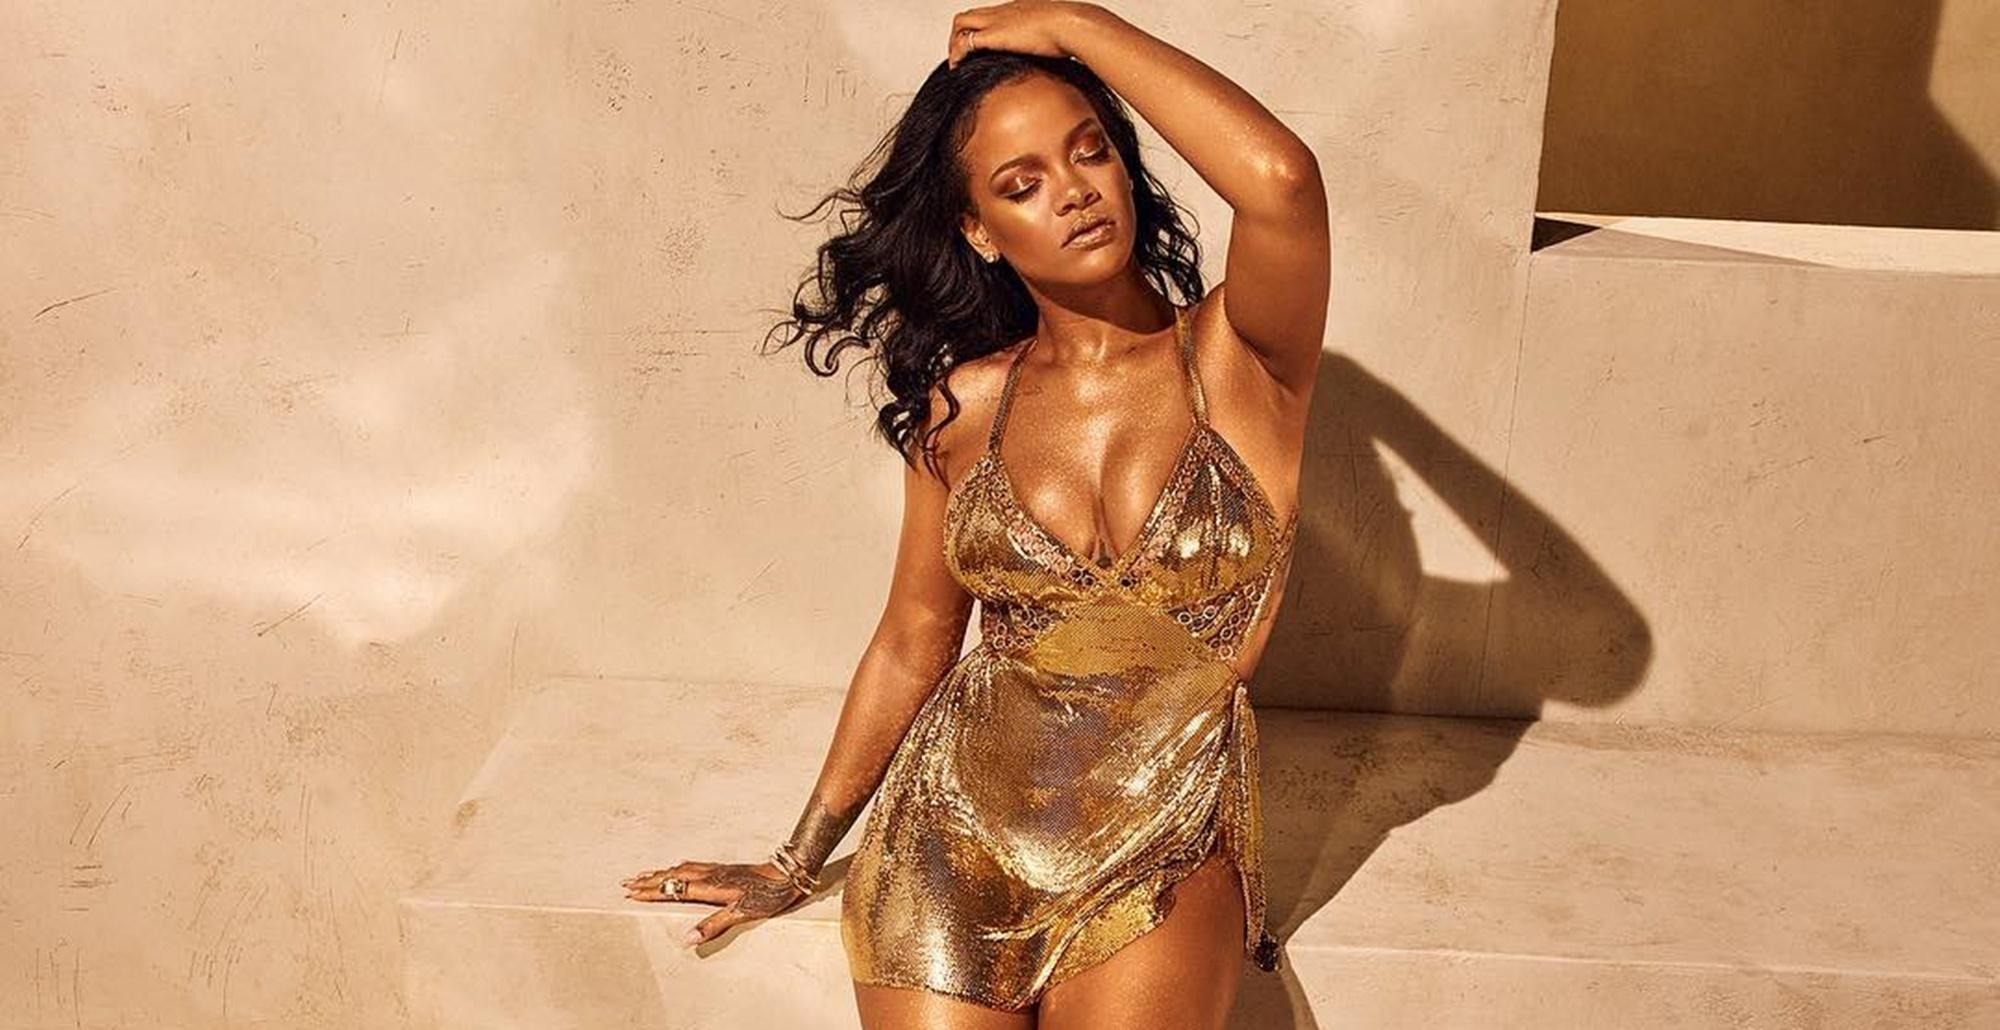 Rihanna Gold Chris Brown Hassan Jameel